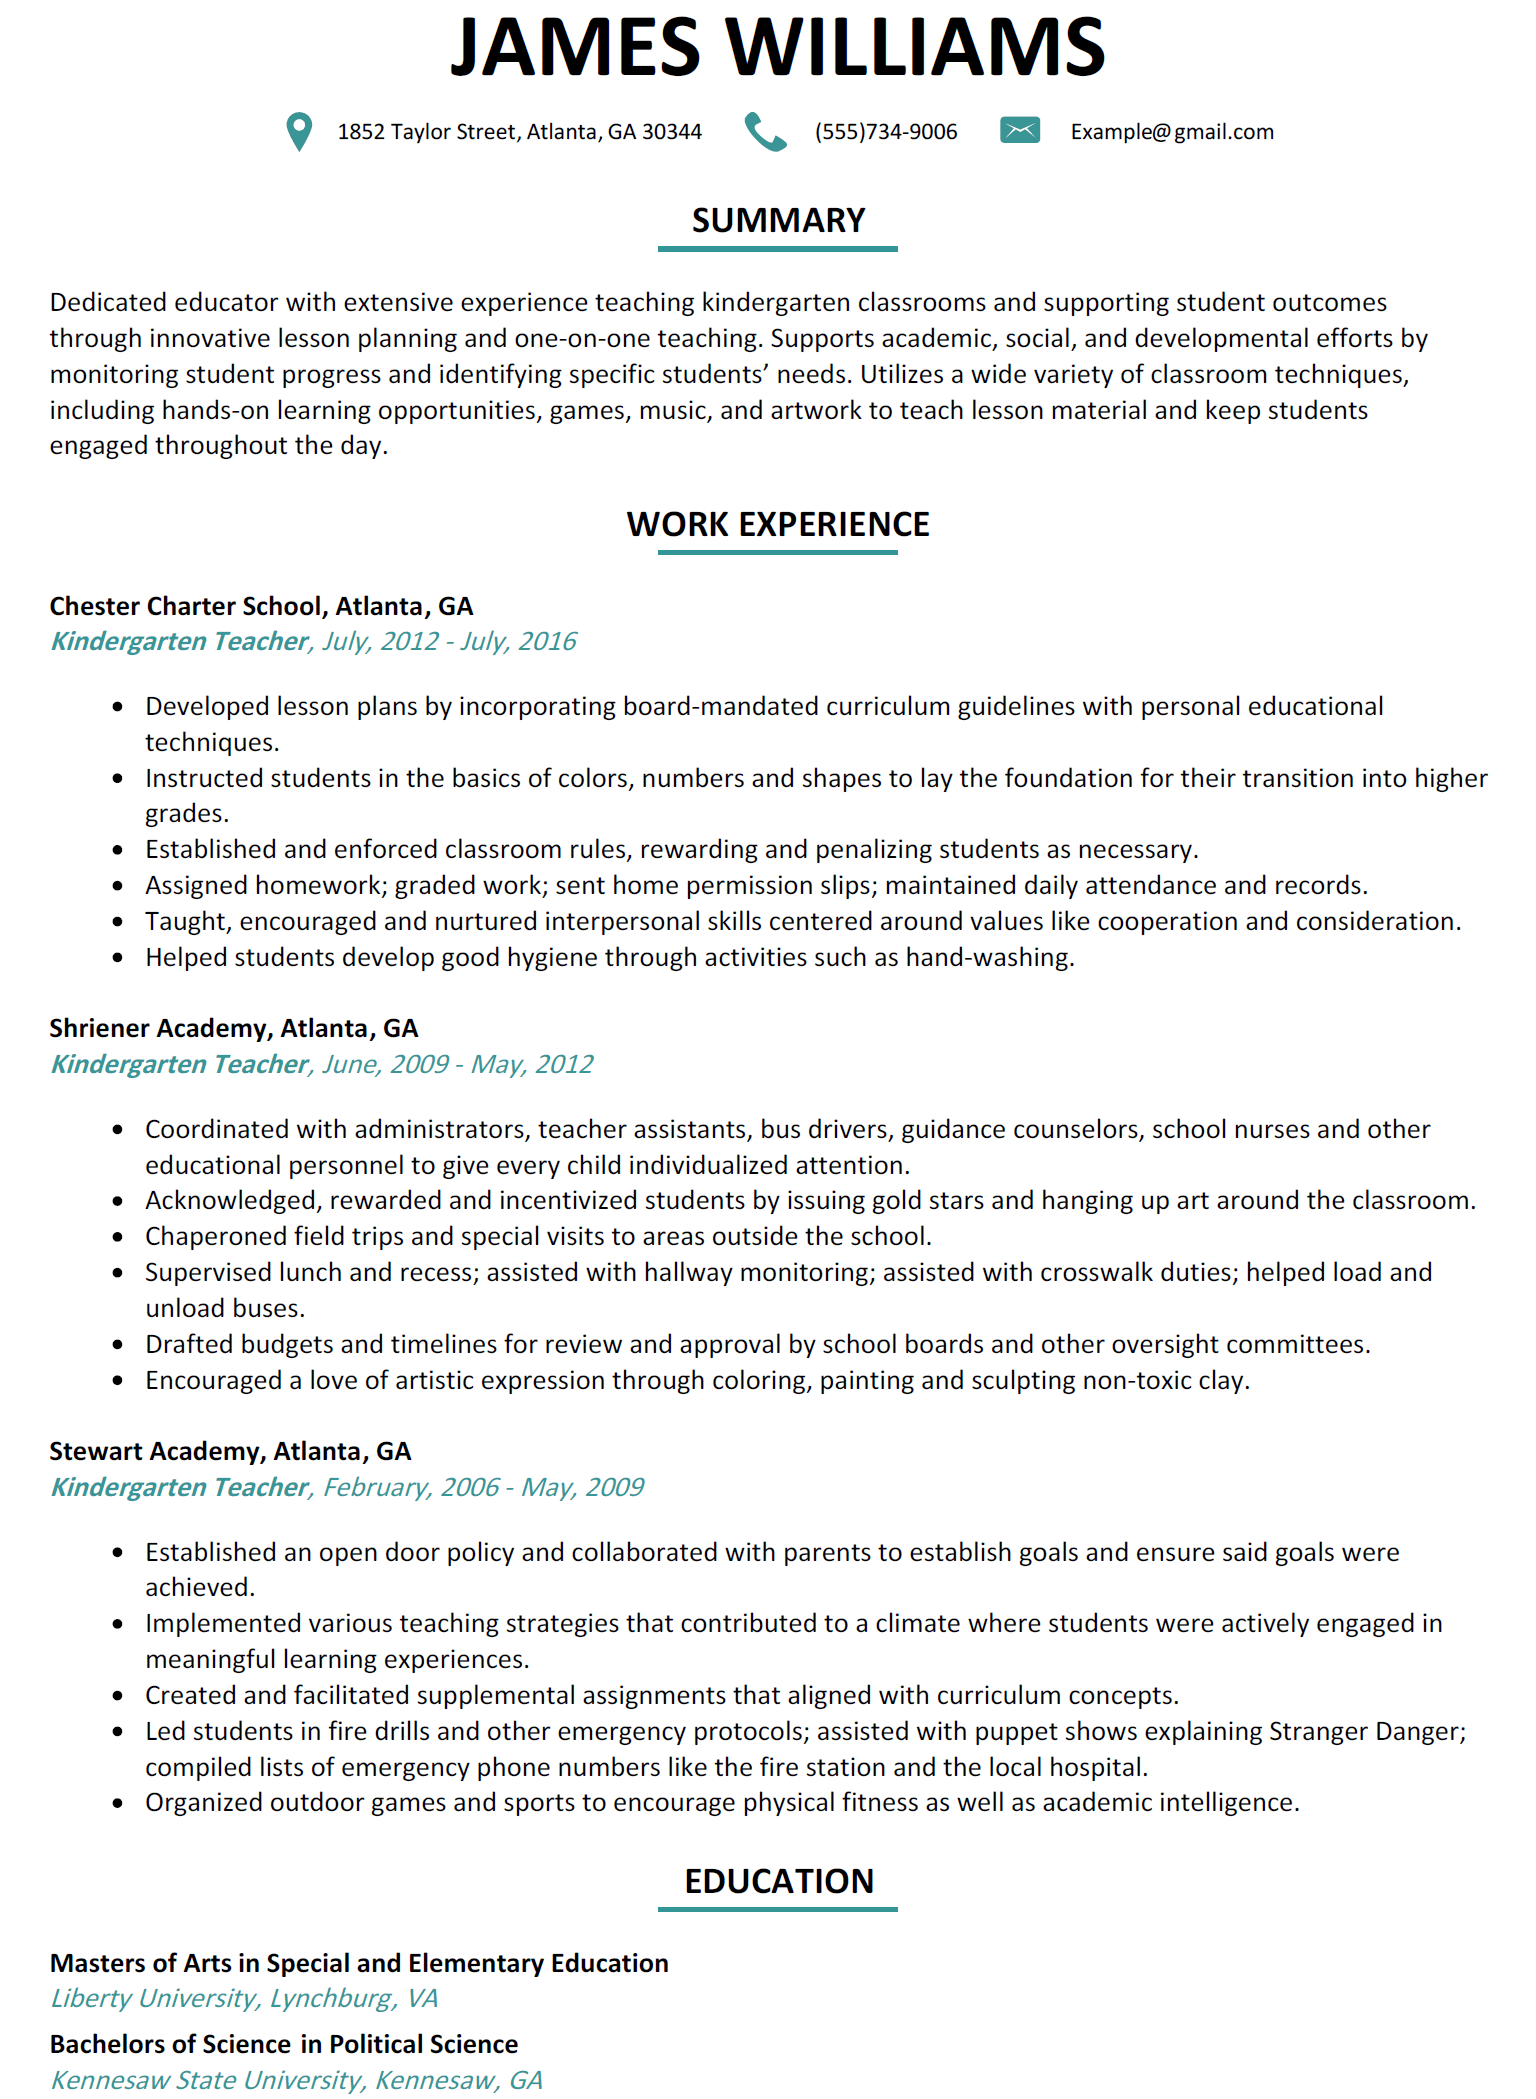 Resume For Teachers Format Fair Resume Format Kindergarten Teacher  Resume Format  Pinterest .